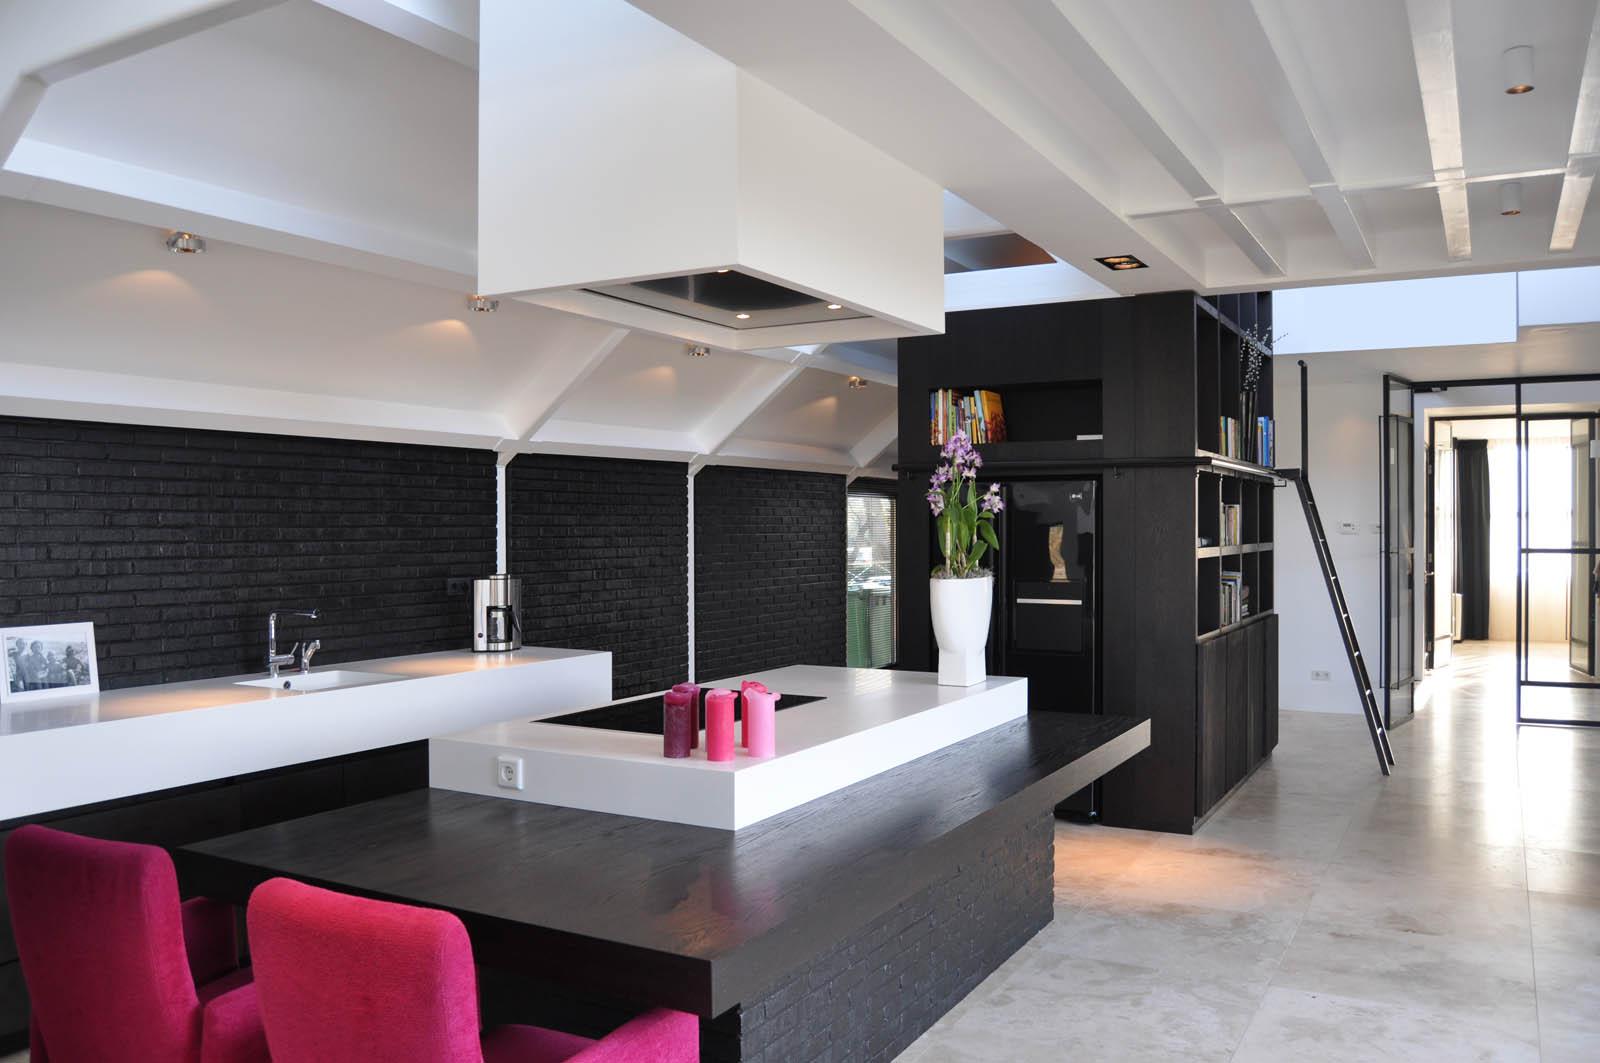 Kitchen, Villa Heiloo by Jeroen de Nijs